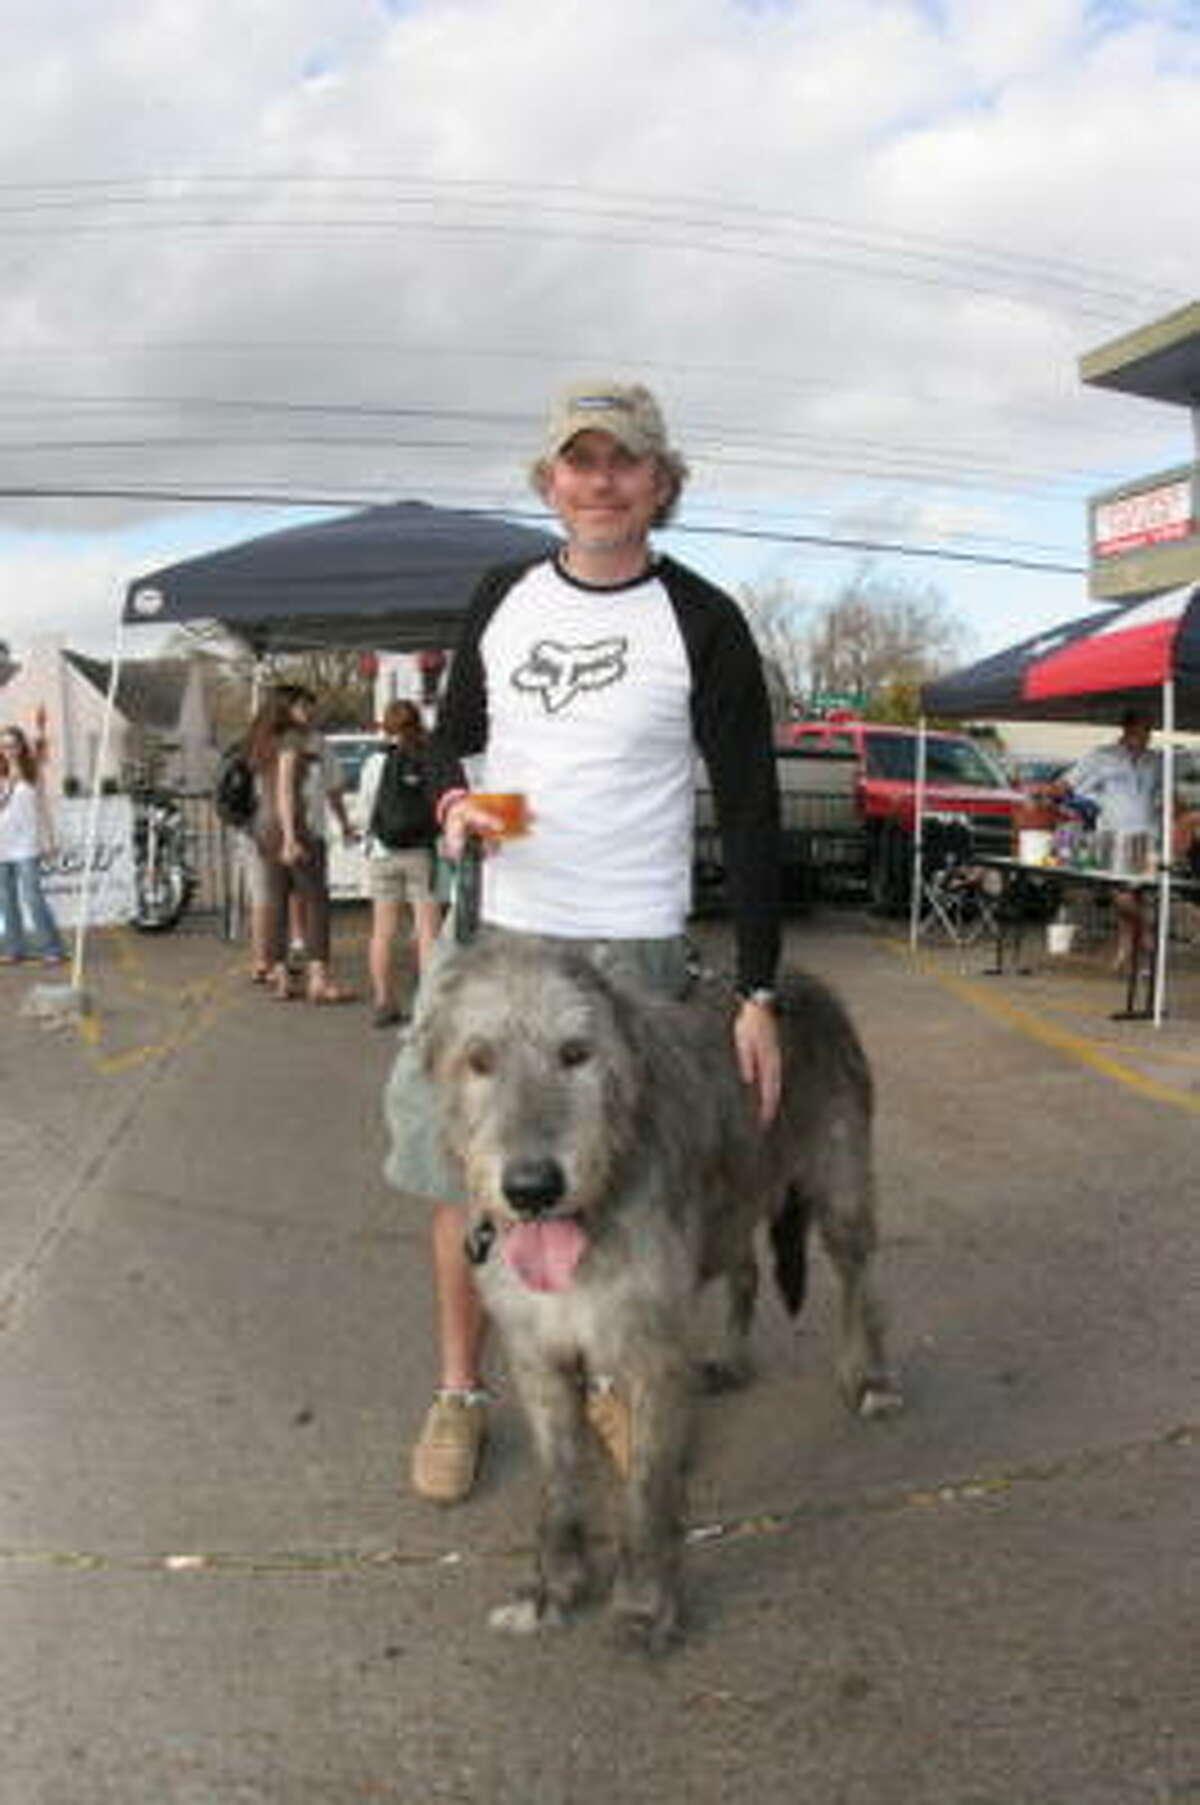 Richard Apthorpe and his dog Texas